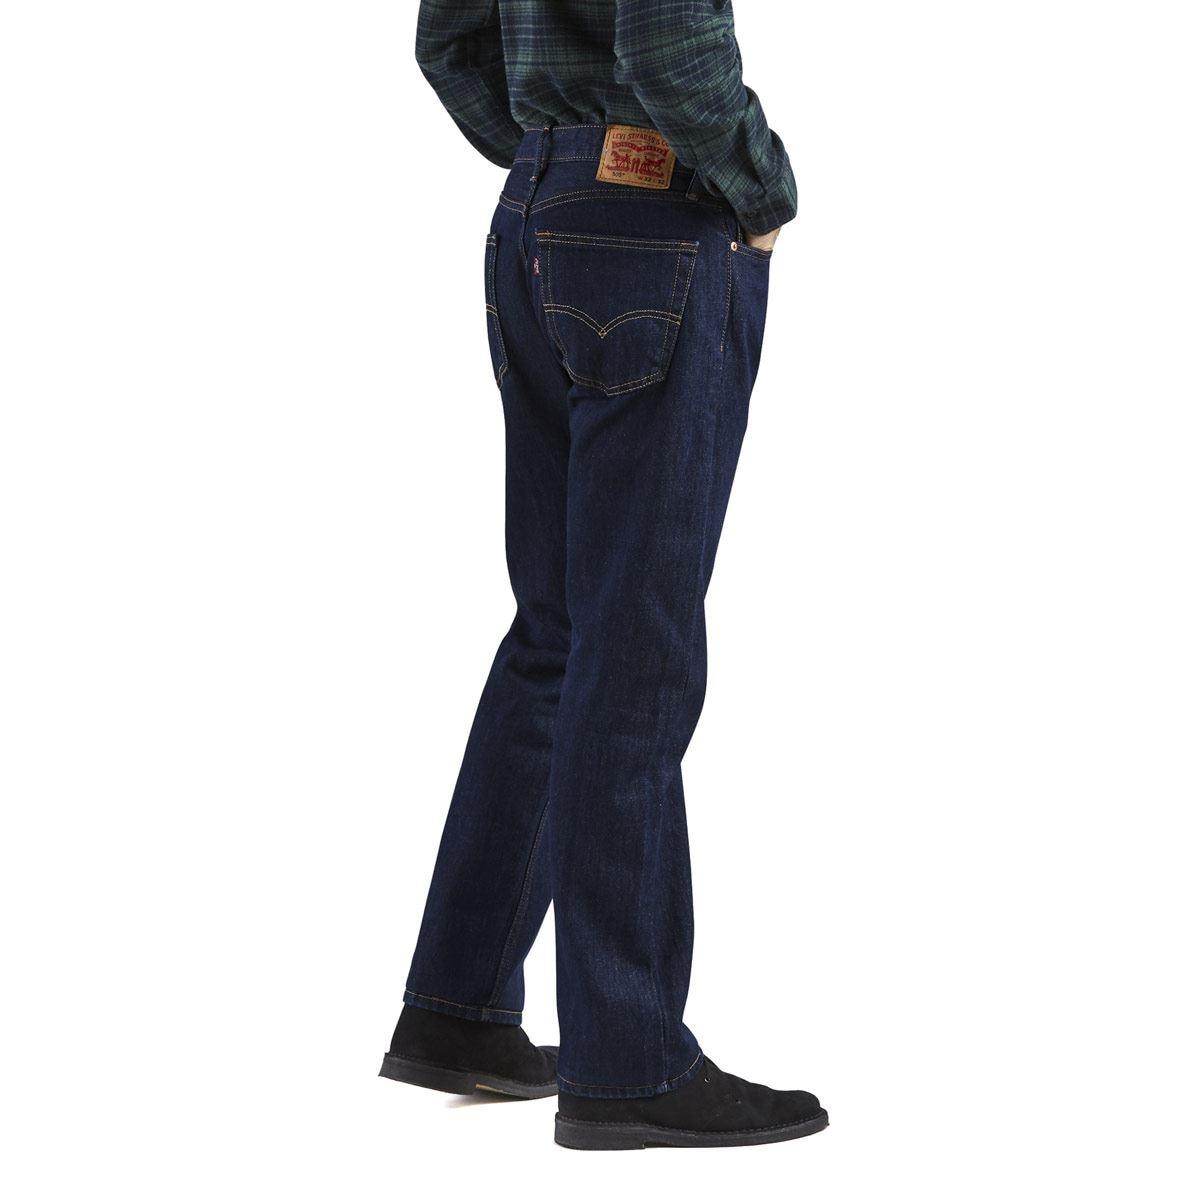 Jeans Levi's 505 Regular Fit Jeans 38x32